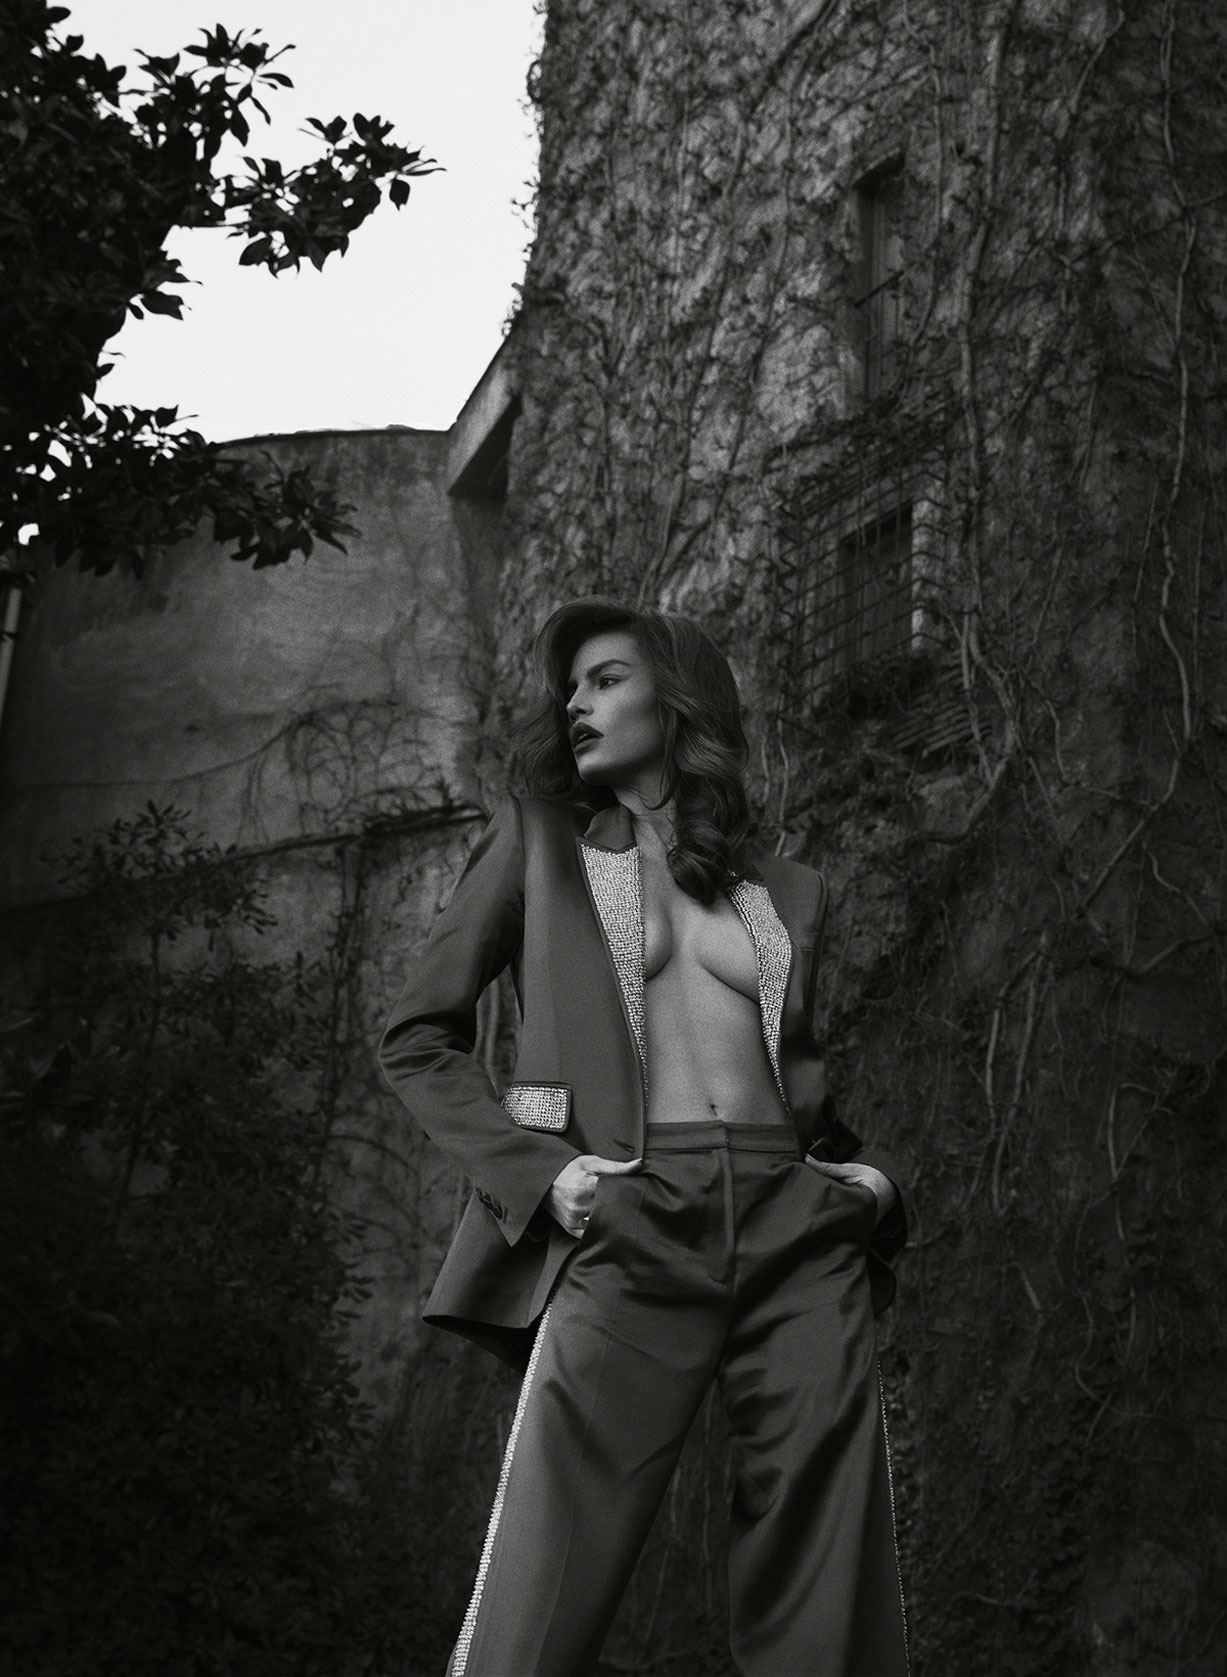 модная одежда Ranore осень-зима 2019 / Nohemi Hermosillo by Jvdas Berra